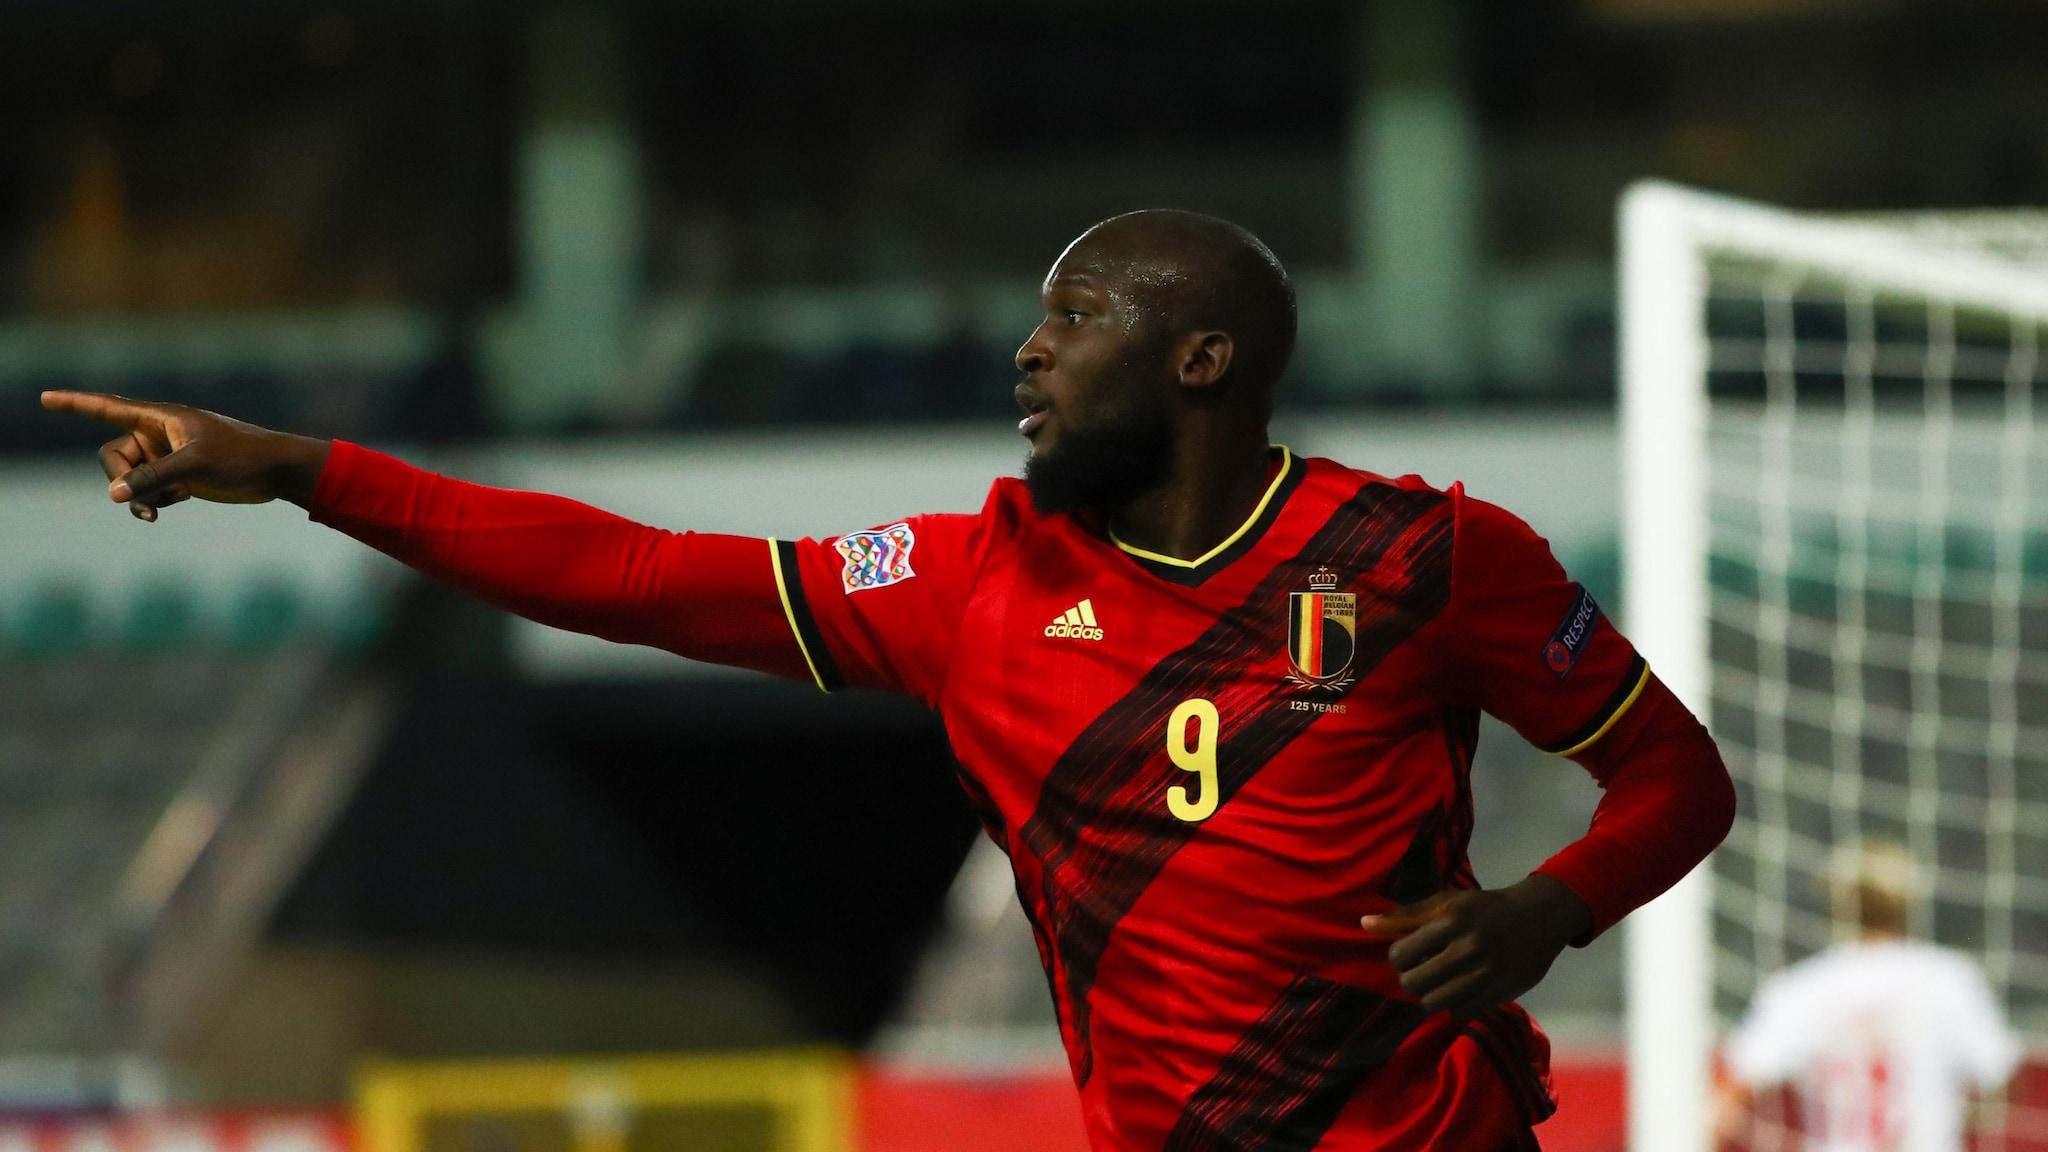 Belgium 4-2 Denmark: Lukaku seals finals spot